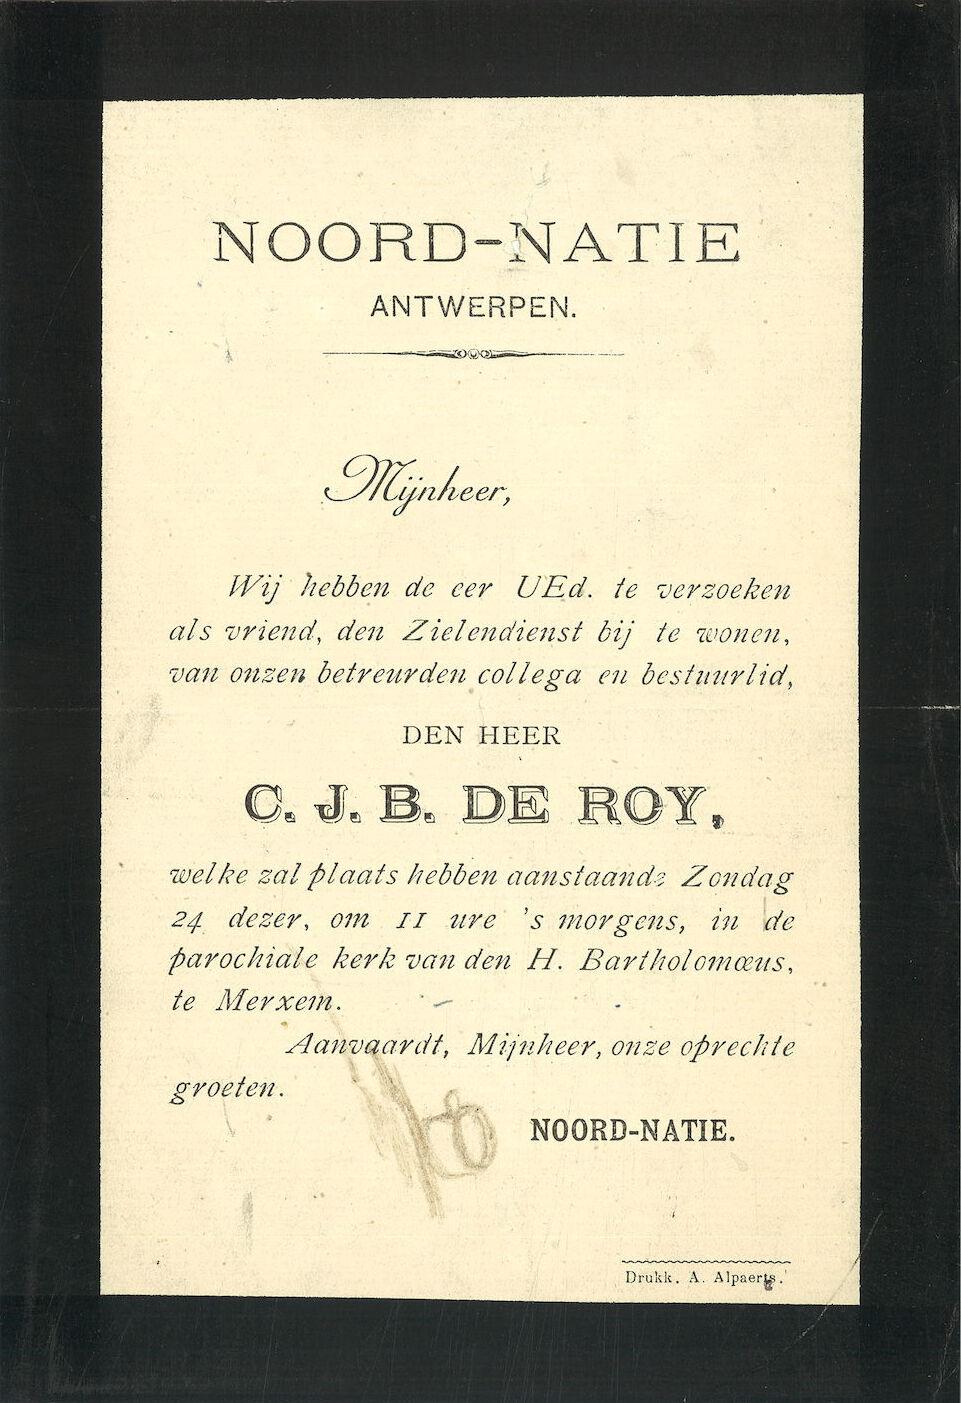 C.J.B. De Roy